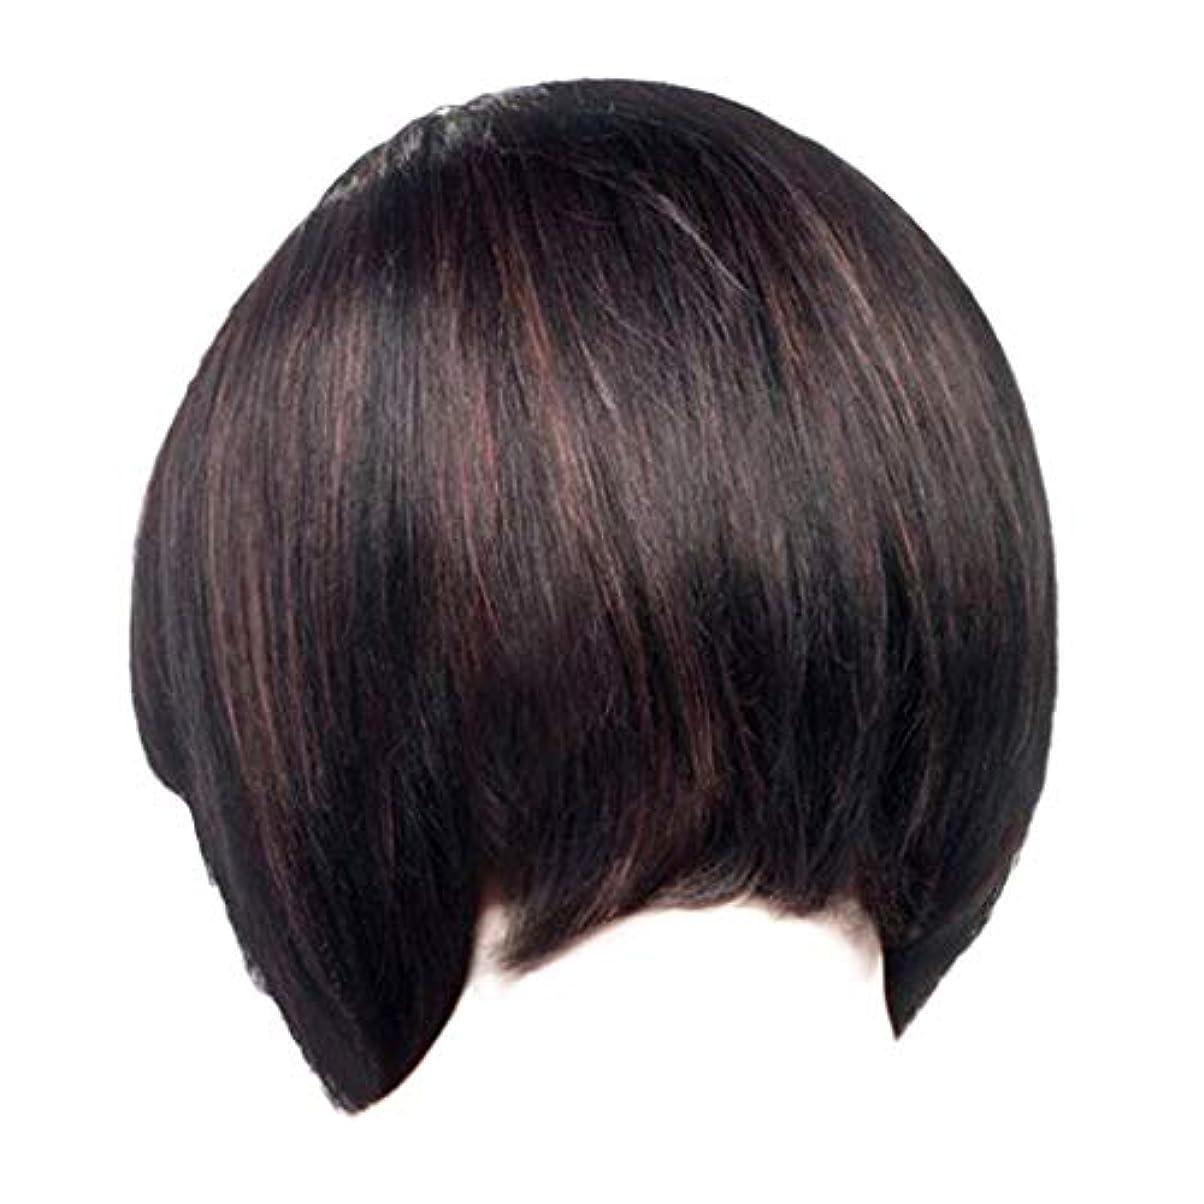 どっちでもみなさん平和的ウィッグレディースファッションブラックショートストレートヘアナチュラルウィッグローズヘアネット